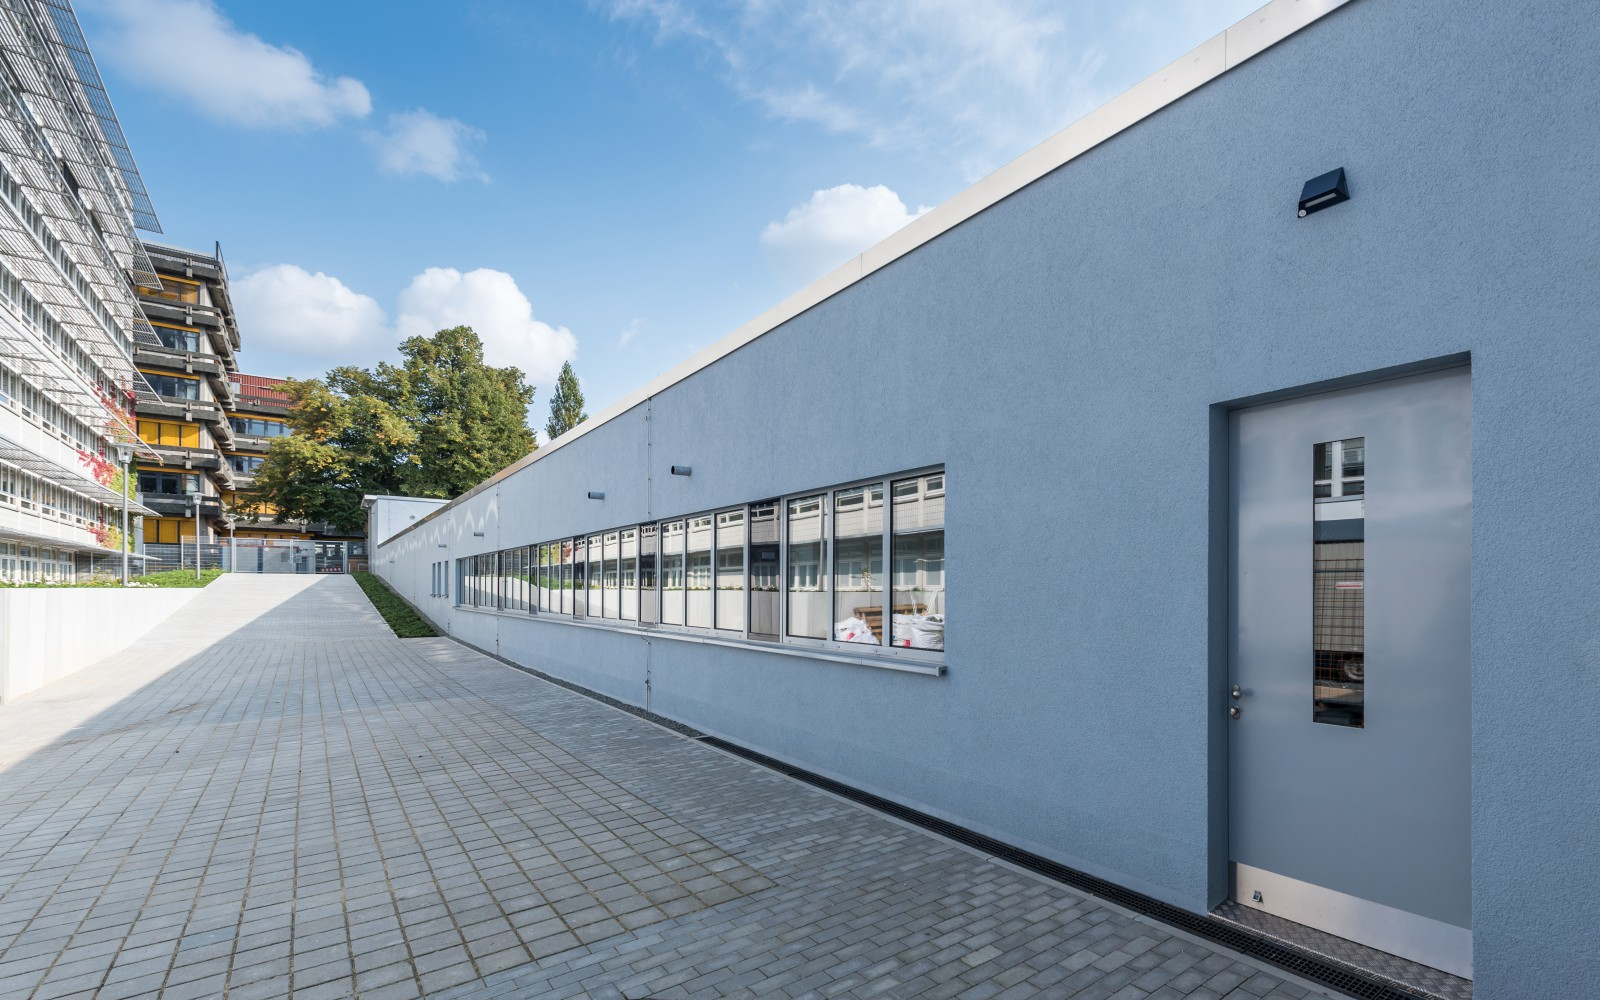 neubau-warenlager-uni-hamburg-fachbereich-chemie-seitenansicht